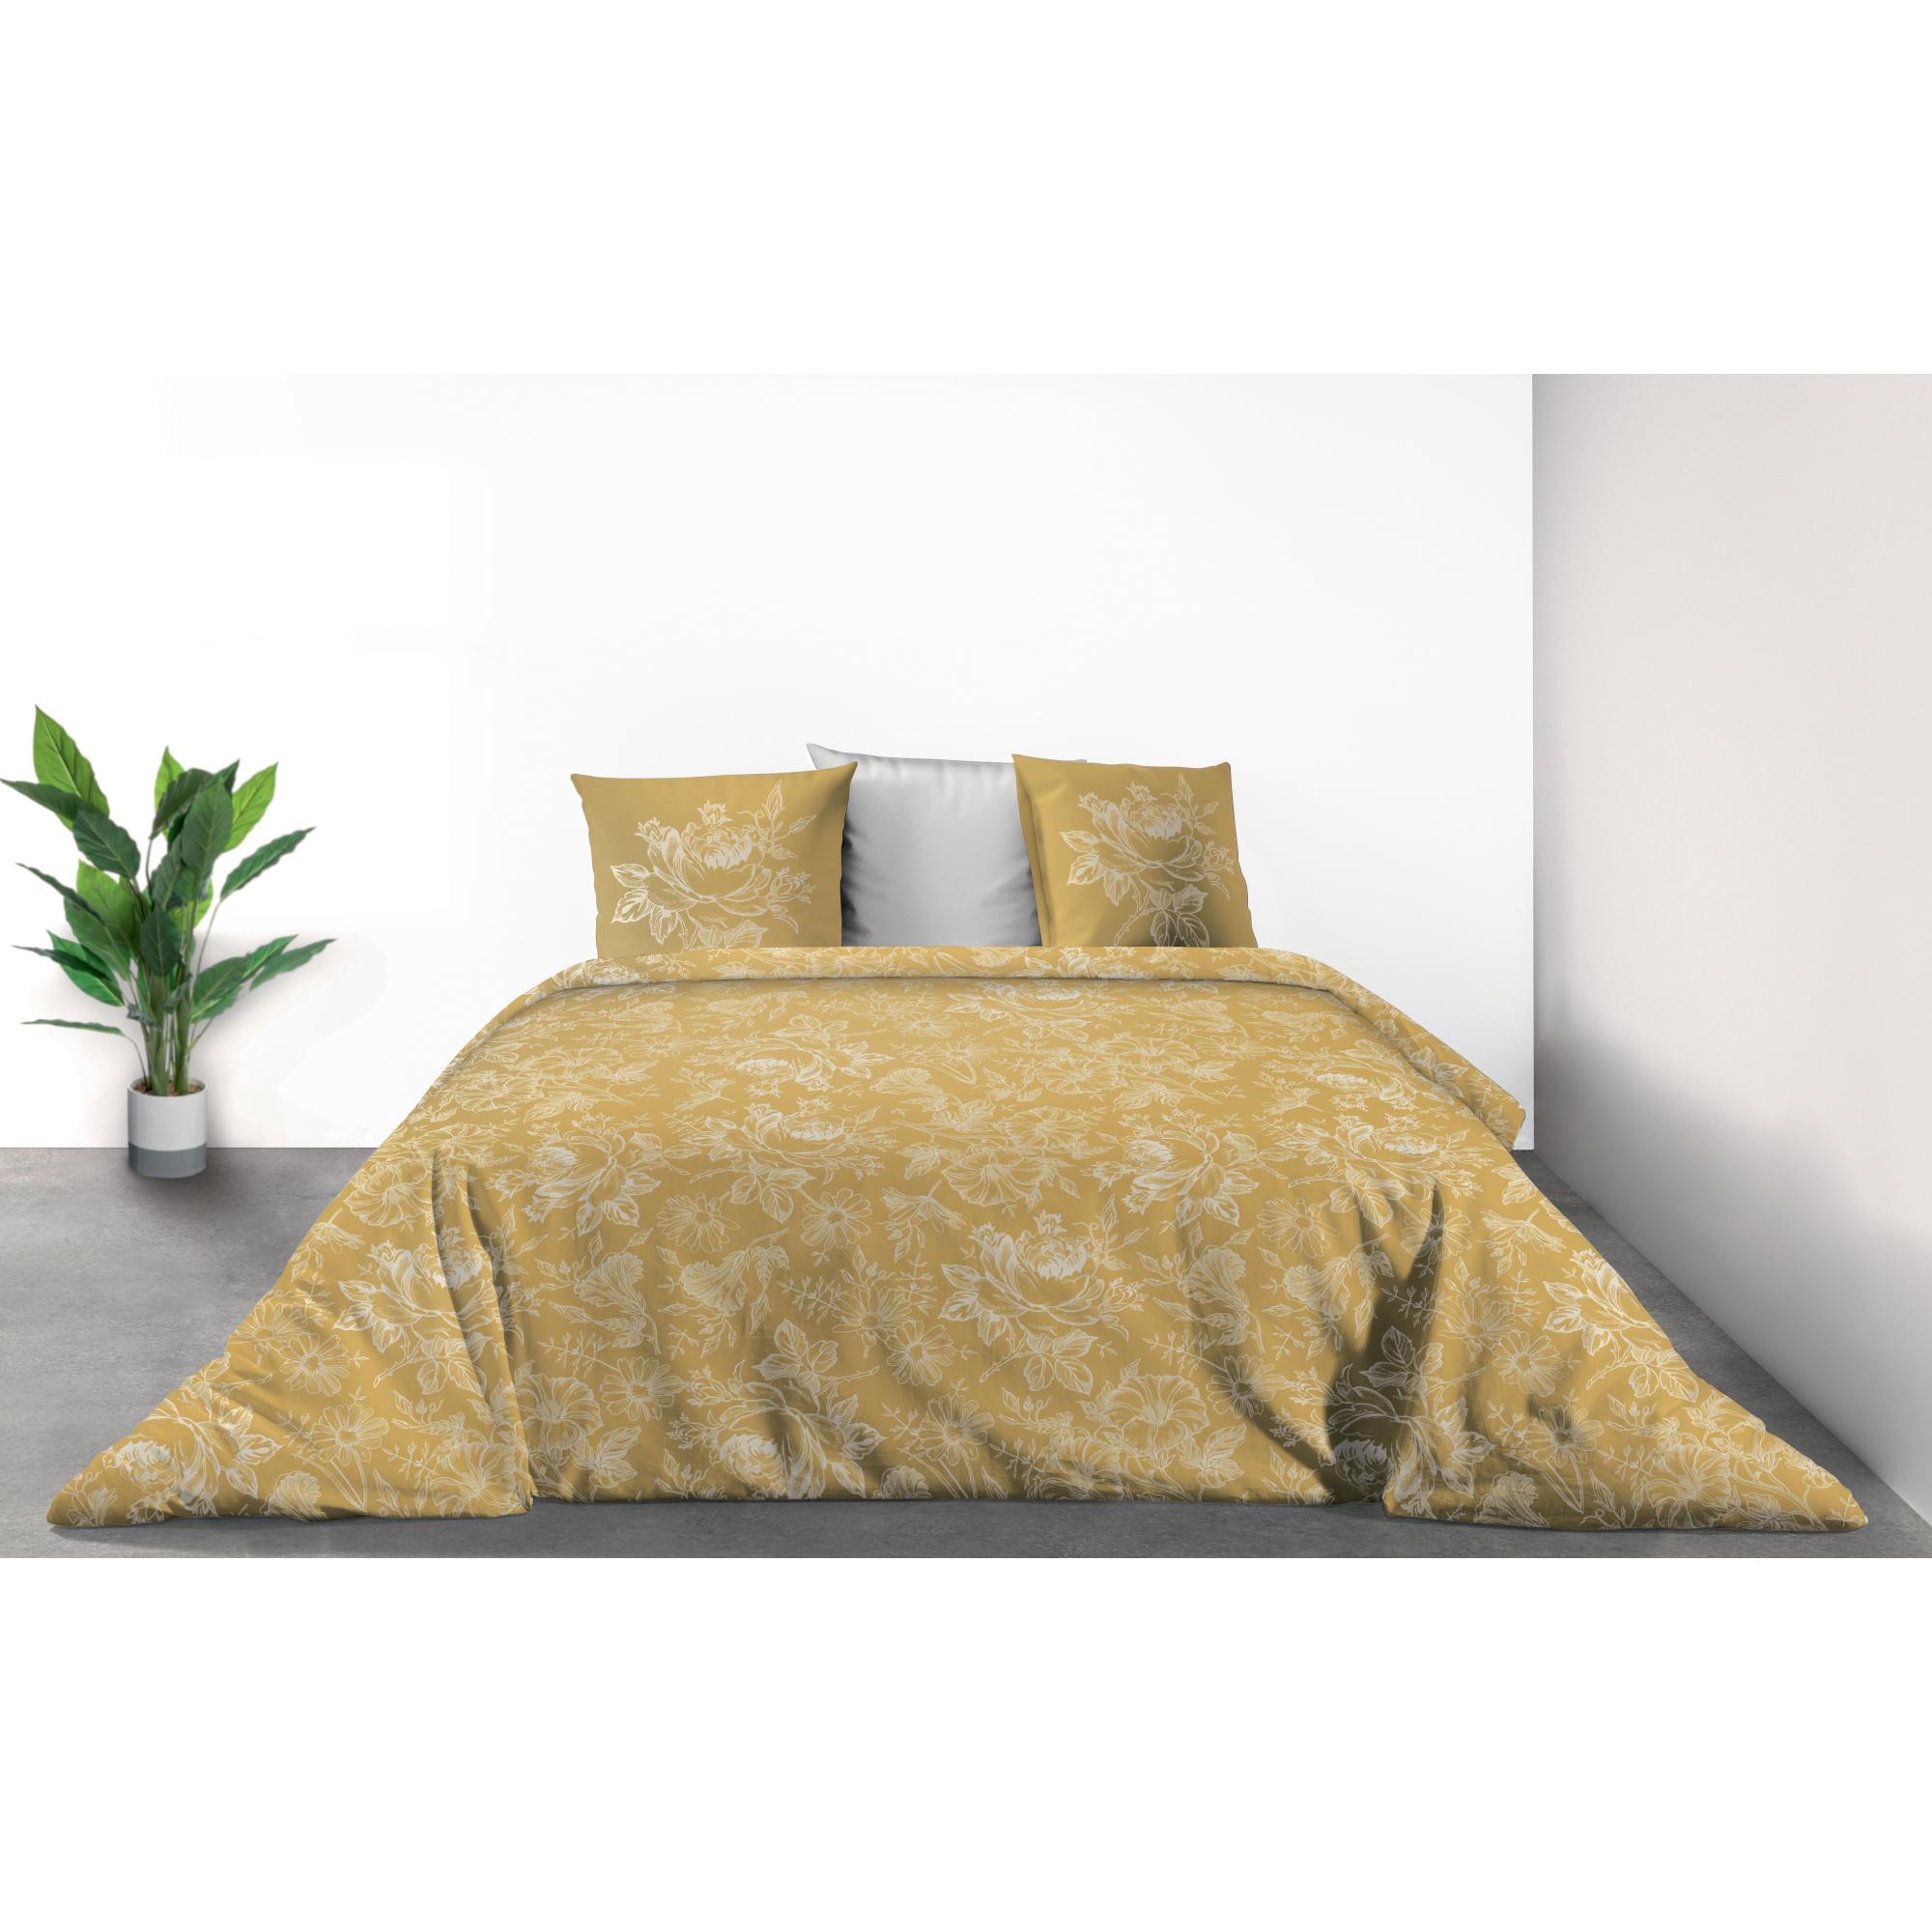 Parure de lit Bio 2 personnes Victoria Ocre avec housse de couette et taies d'oreiller Imprimé 260 x 240